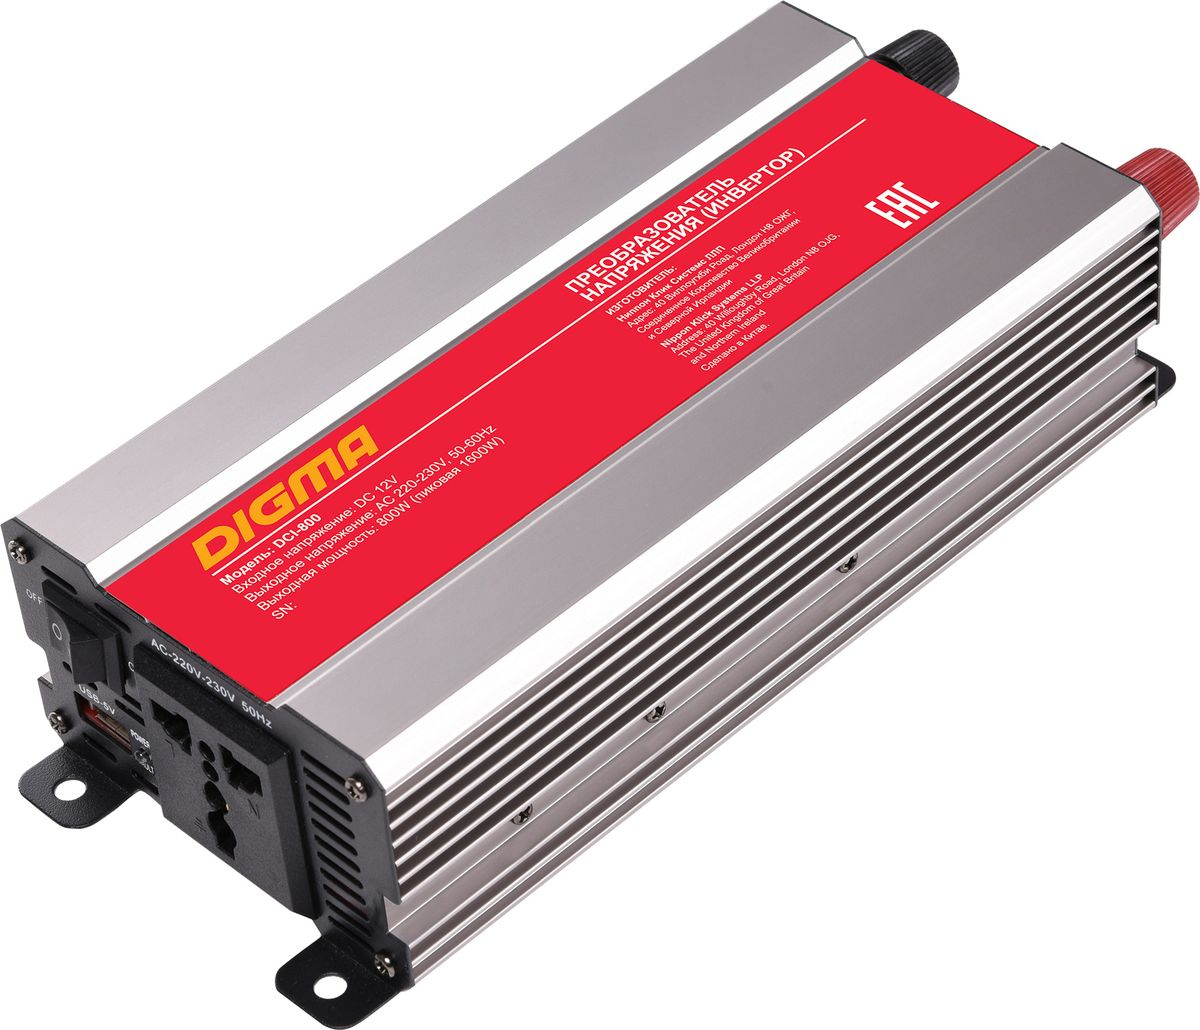 Digma DCI-800 автоинвертер77427Способ подключения к аккумулятору: клеммы Порт USBЗащита от неправильной полярности Защита от перегрузок Кратковременная пиковая мощность: 1600 Вт Выходная мощность: 800 Вт Входное напряжение (DC): 11-15В Выходное напряжение (AC): 230 Срок гарантии: 12 мес.